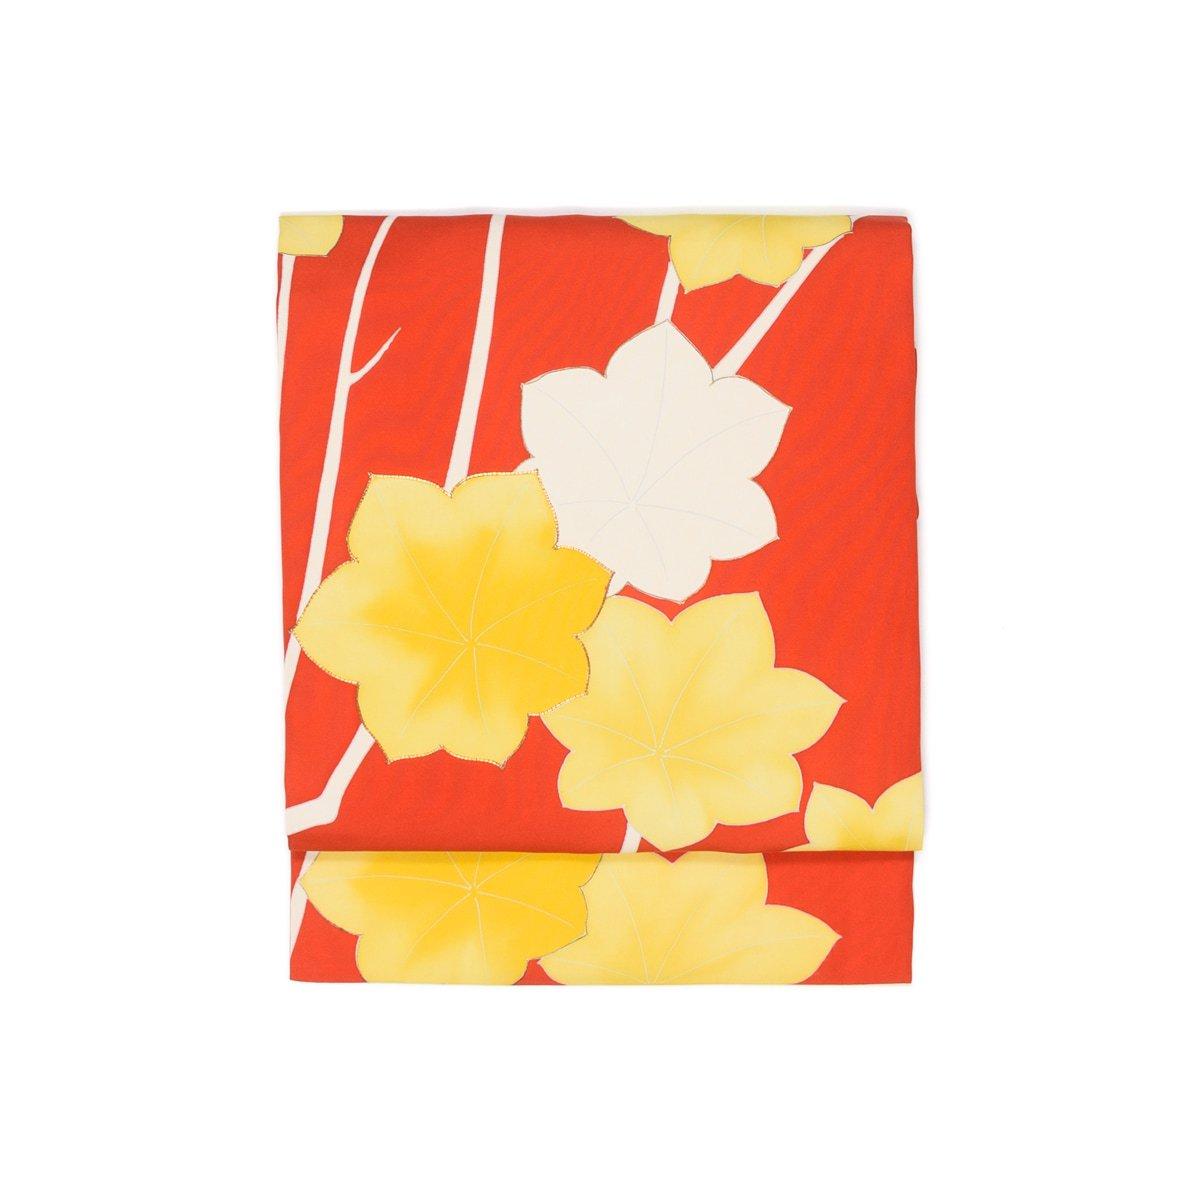 「朱色の地 大きな紅葉」の商品画像